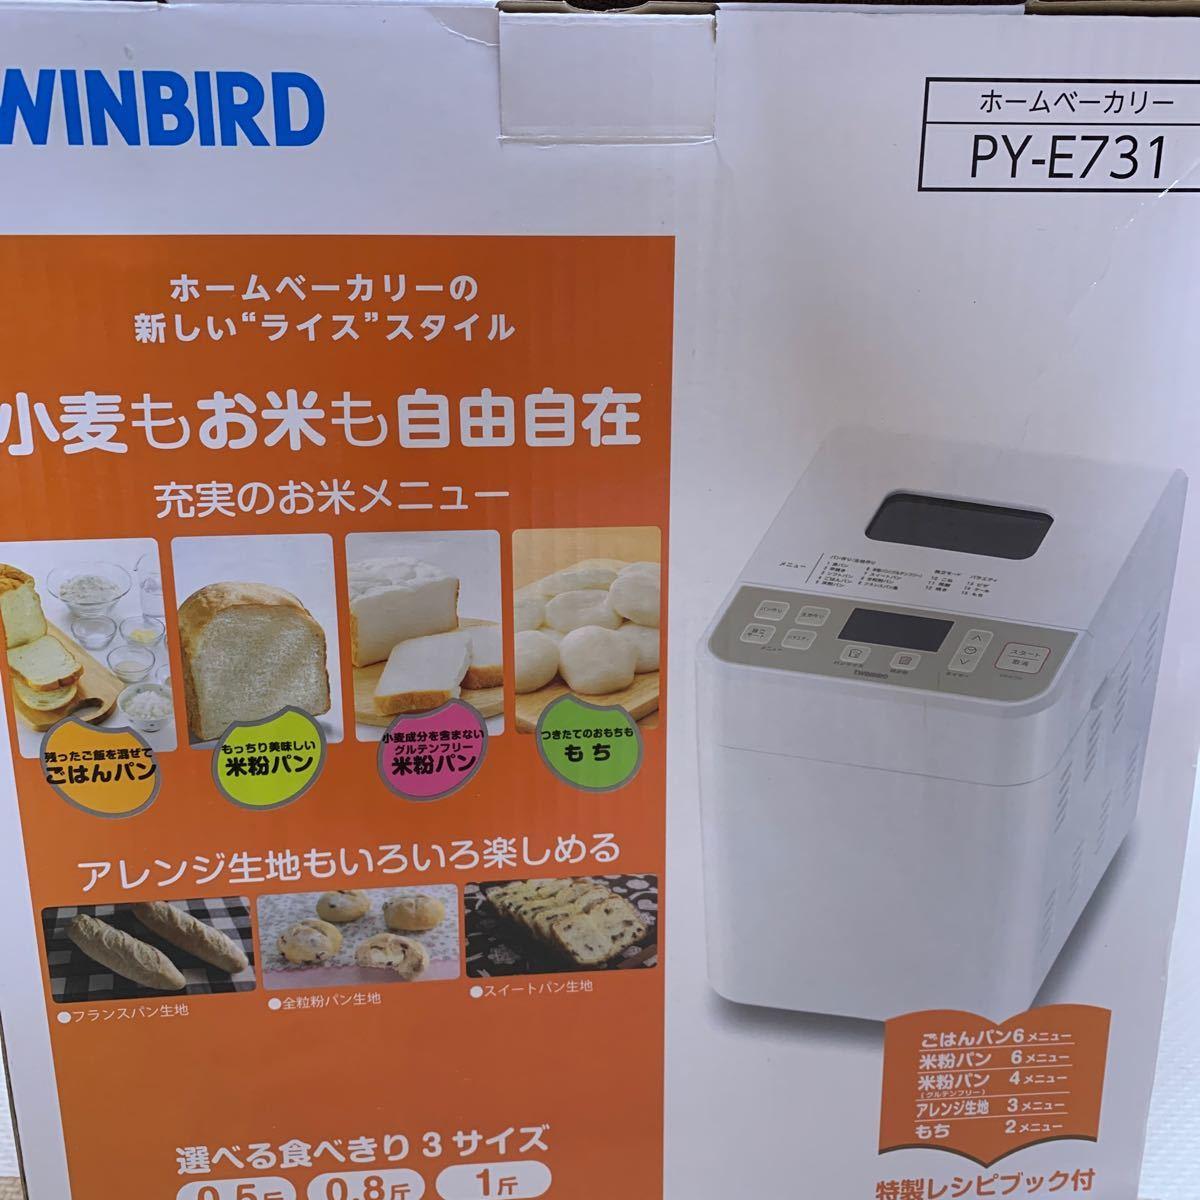 【新品・未開封】ホームベーカリー PYE731 TWINBIRD